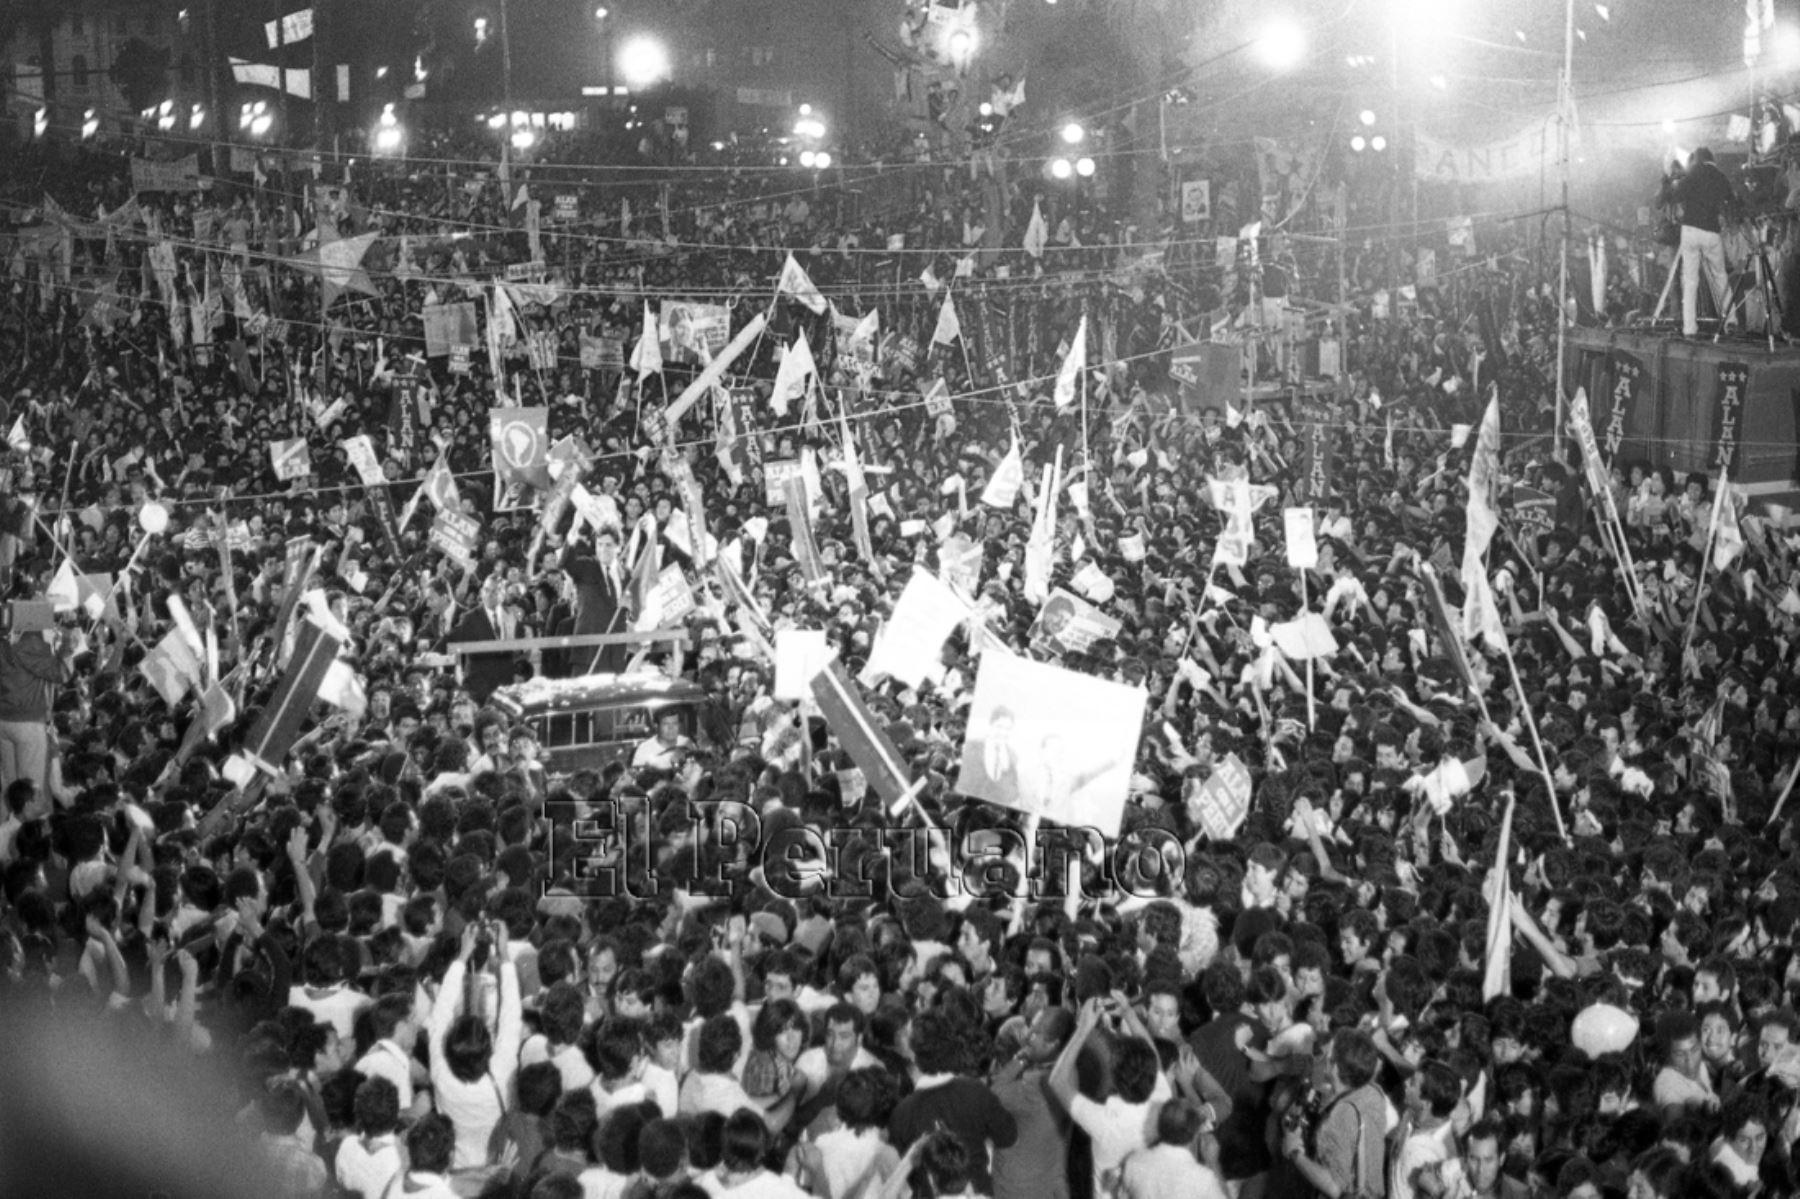 Lima - 10 abril 1985 / Mitin de cierre de campaña del Partido Aprista Peruano en el marco de las elecciones generales presidenciales 1985. Foto: Archivo Histórico El Peruano